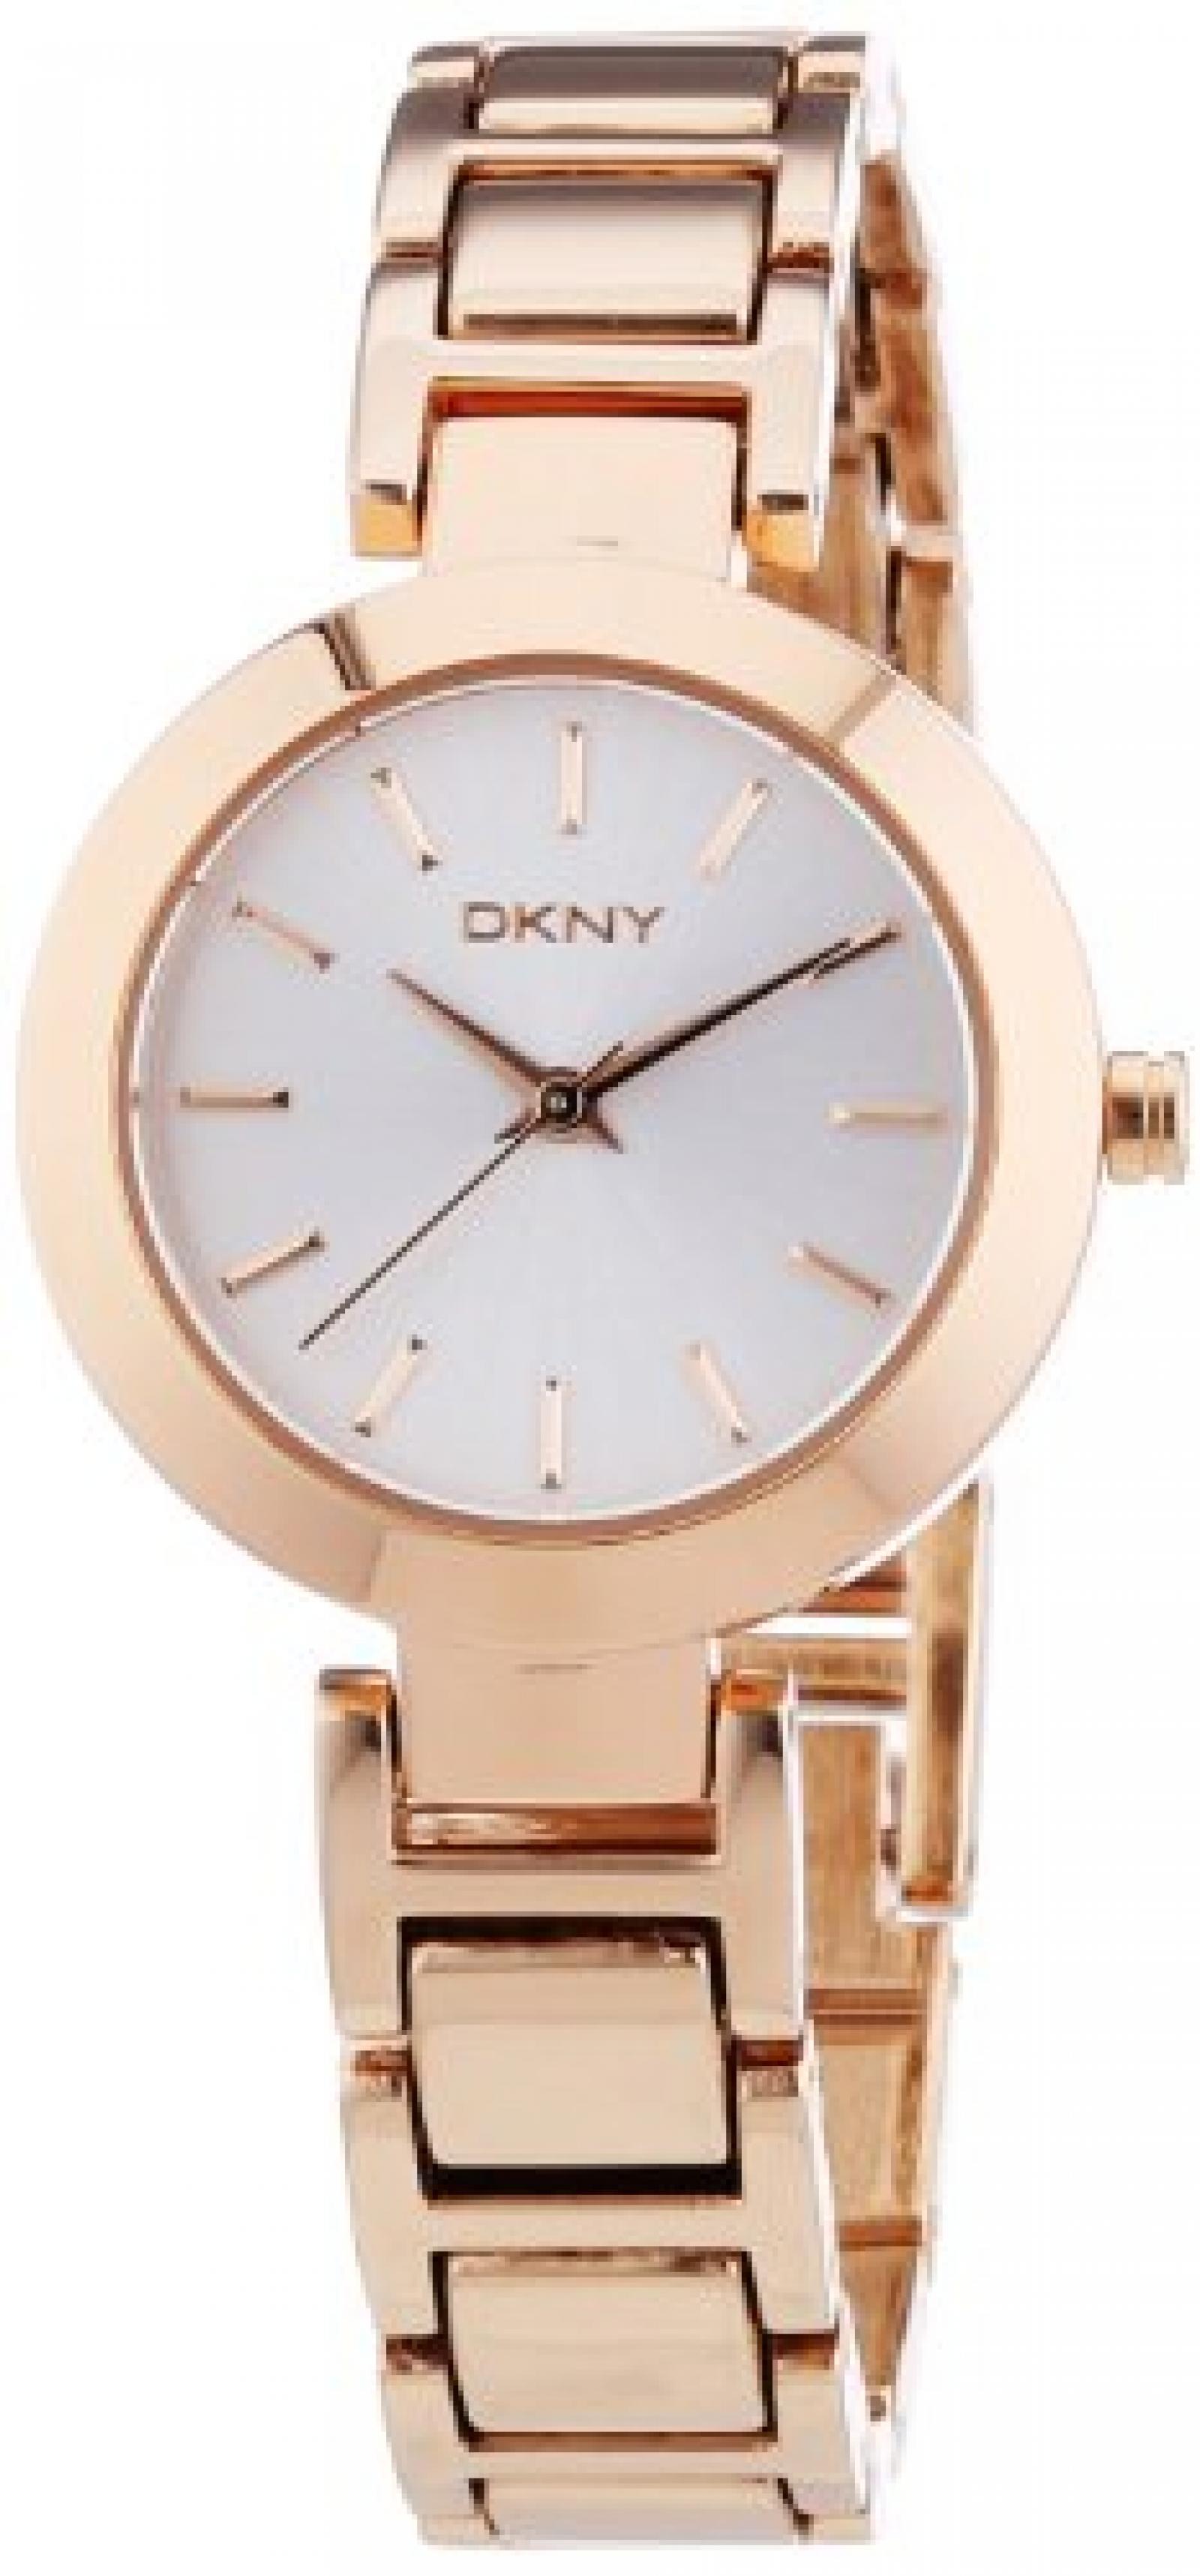 DKNY Damen-Armbanduhr XS Analog Quarz Edelstahl beschichtet NY8833